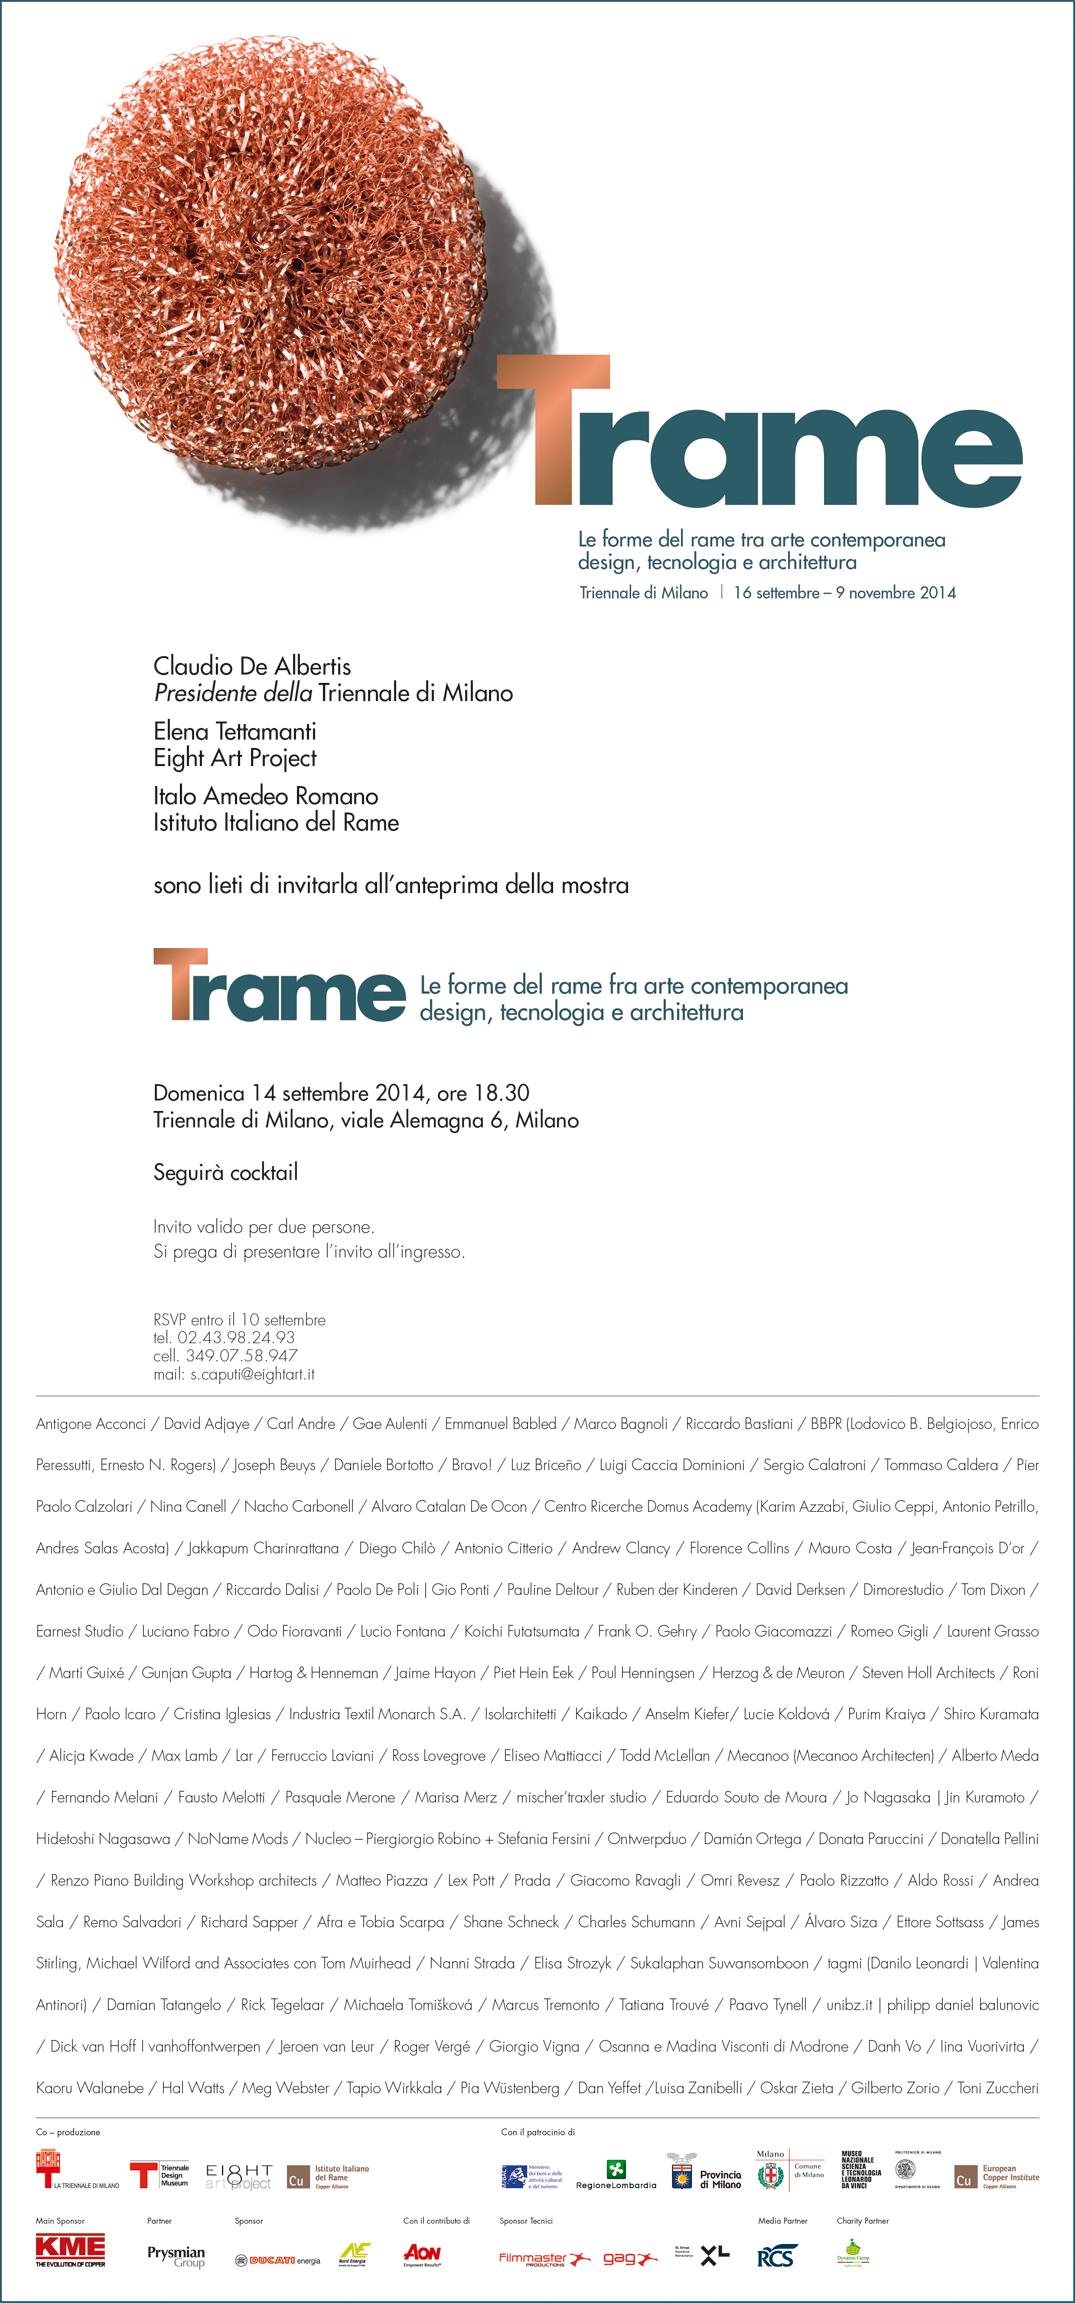 Trame le forme del rame tra arte contemporanea design for Istituto grafico pubblicitario milano